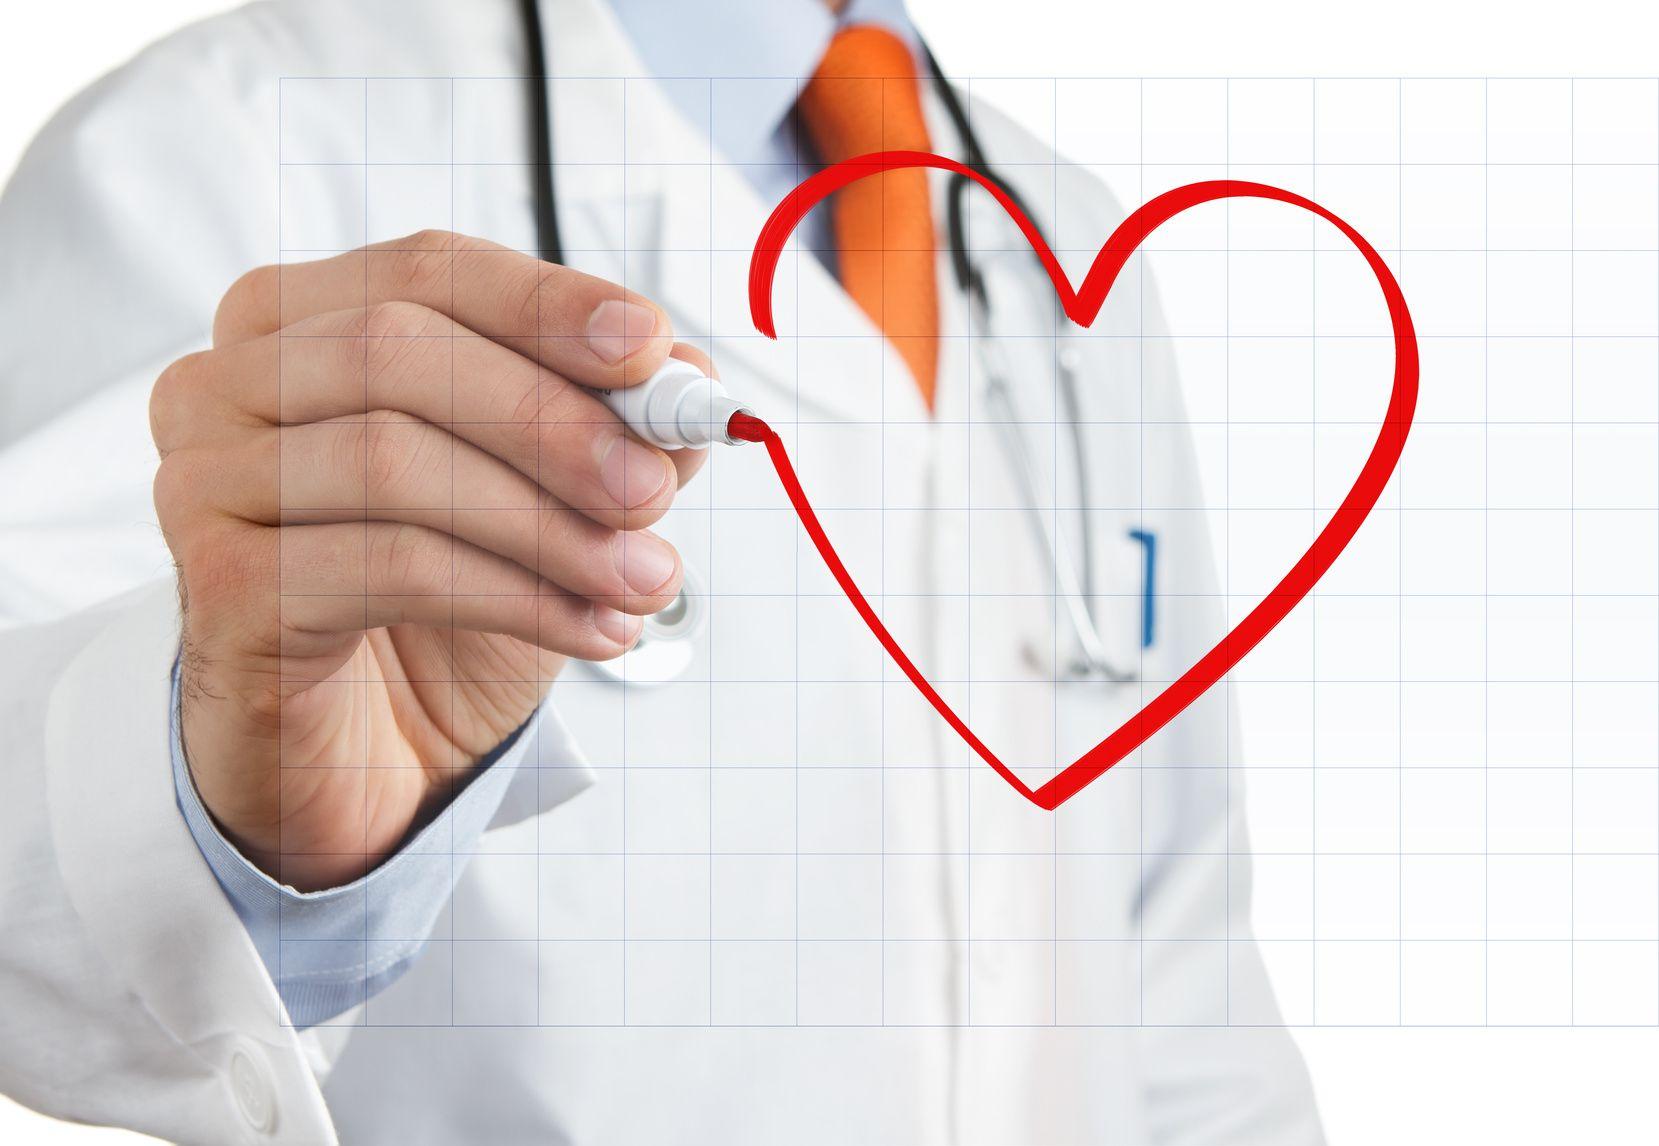 Митральные пороки сердца: разновидности, симптомы, методы лечения